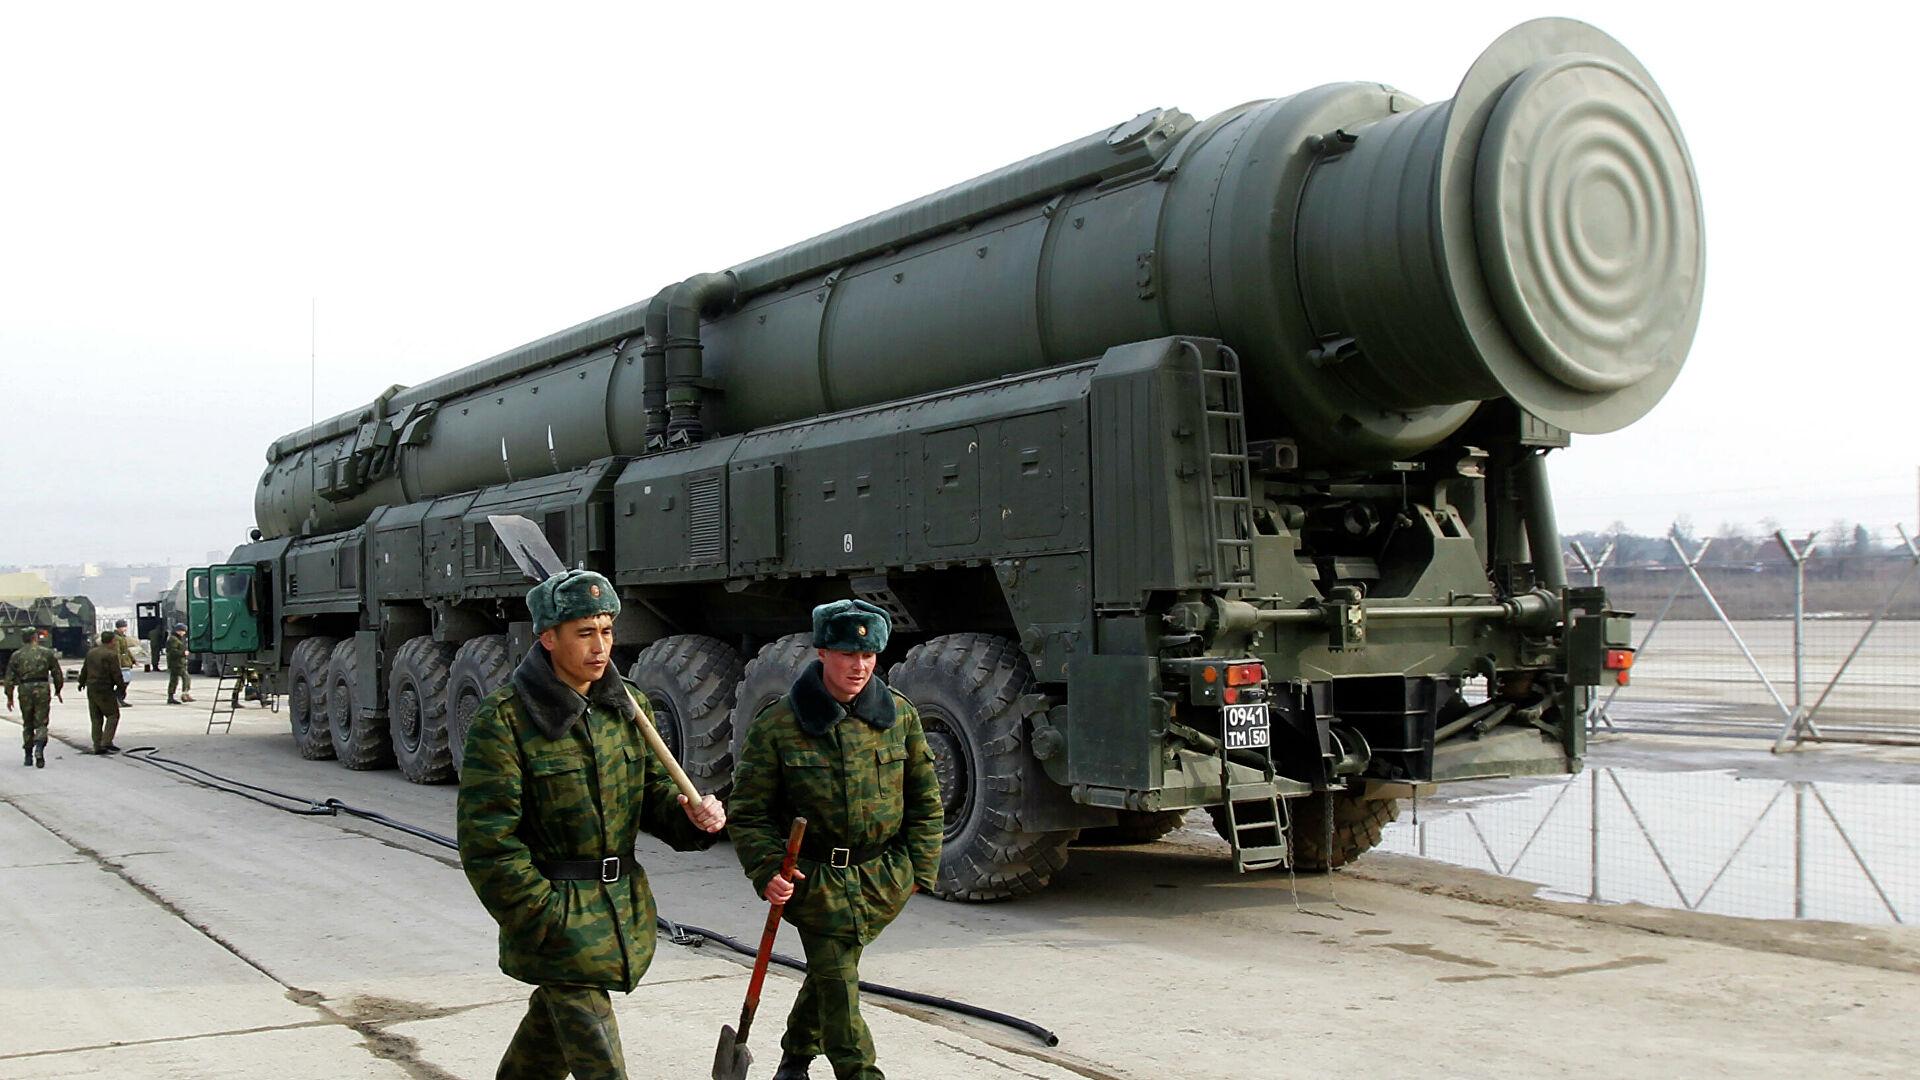 Рјабков: Могући будући споразуми са САД-ом о контроли наоружања биће закључени само на паритетној основи